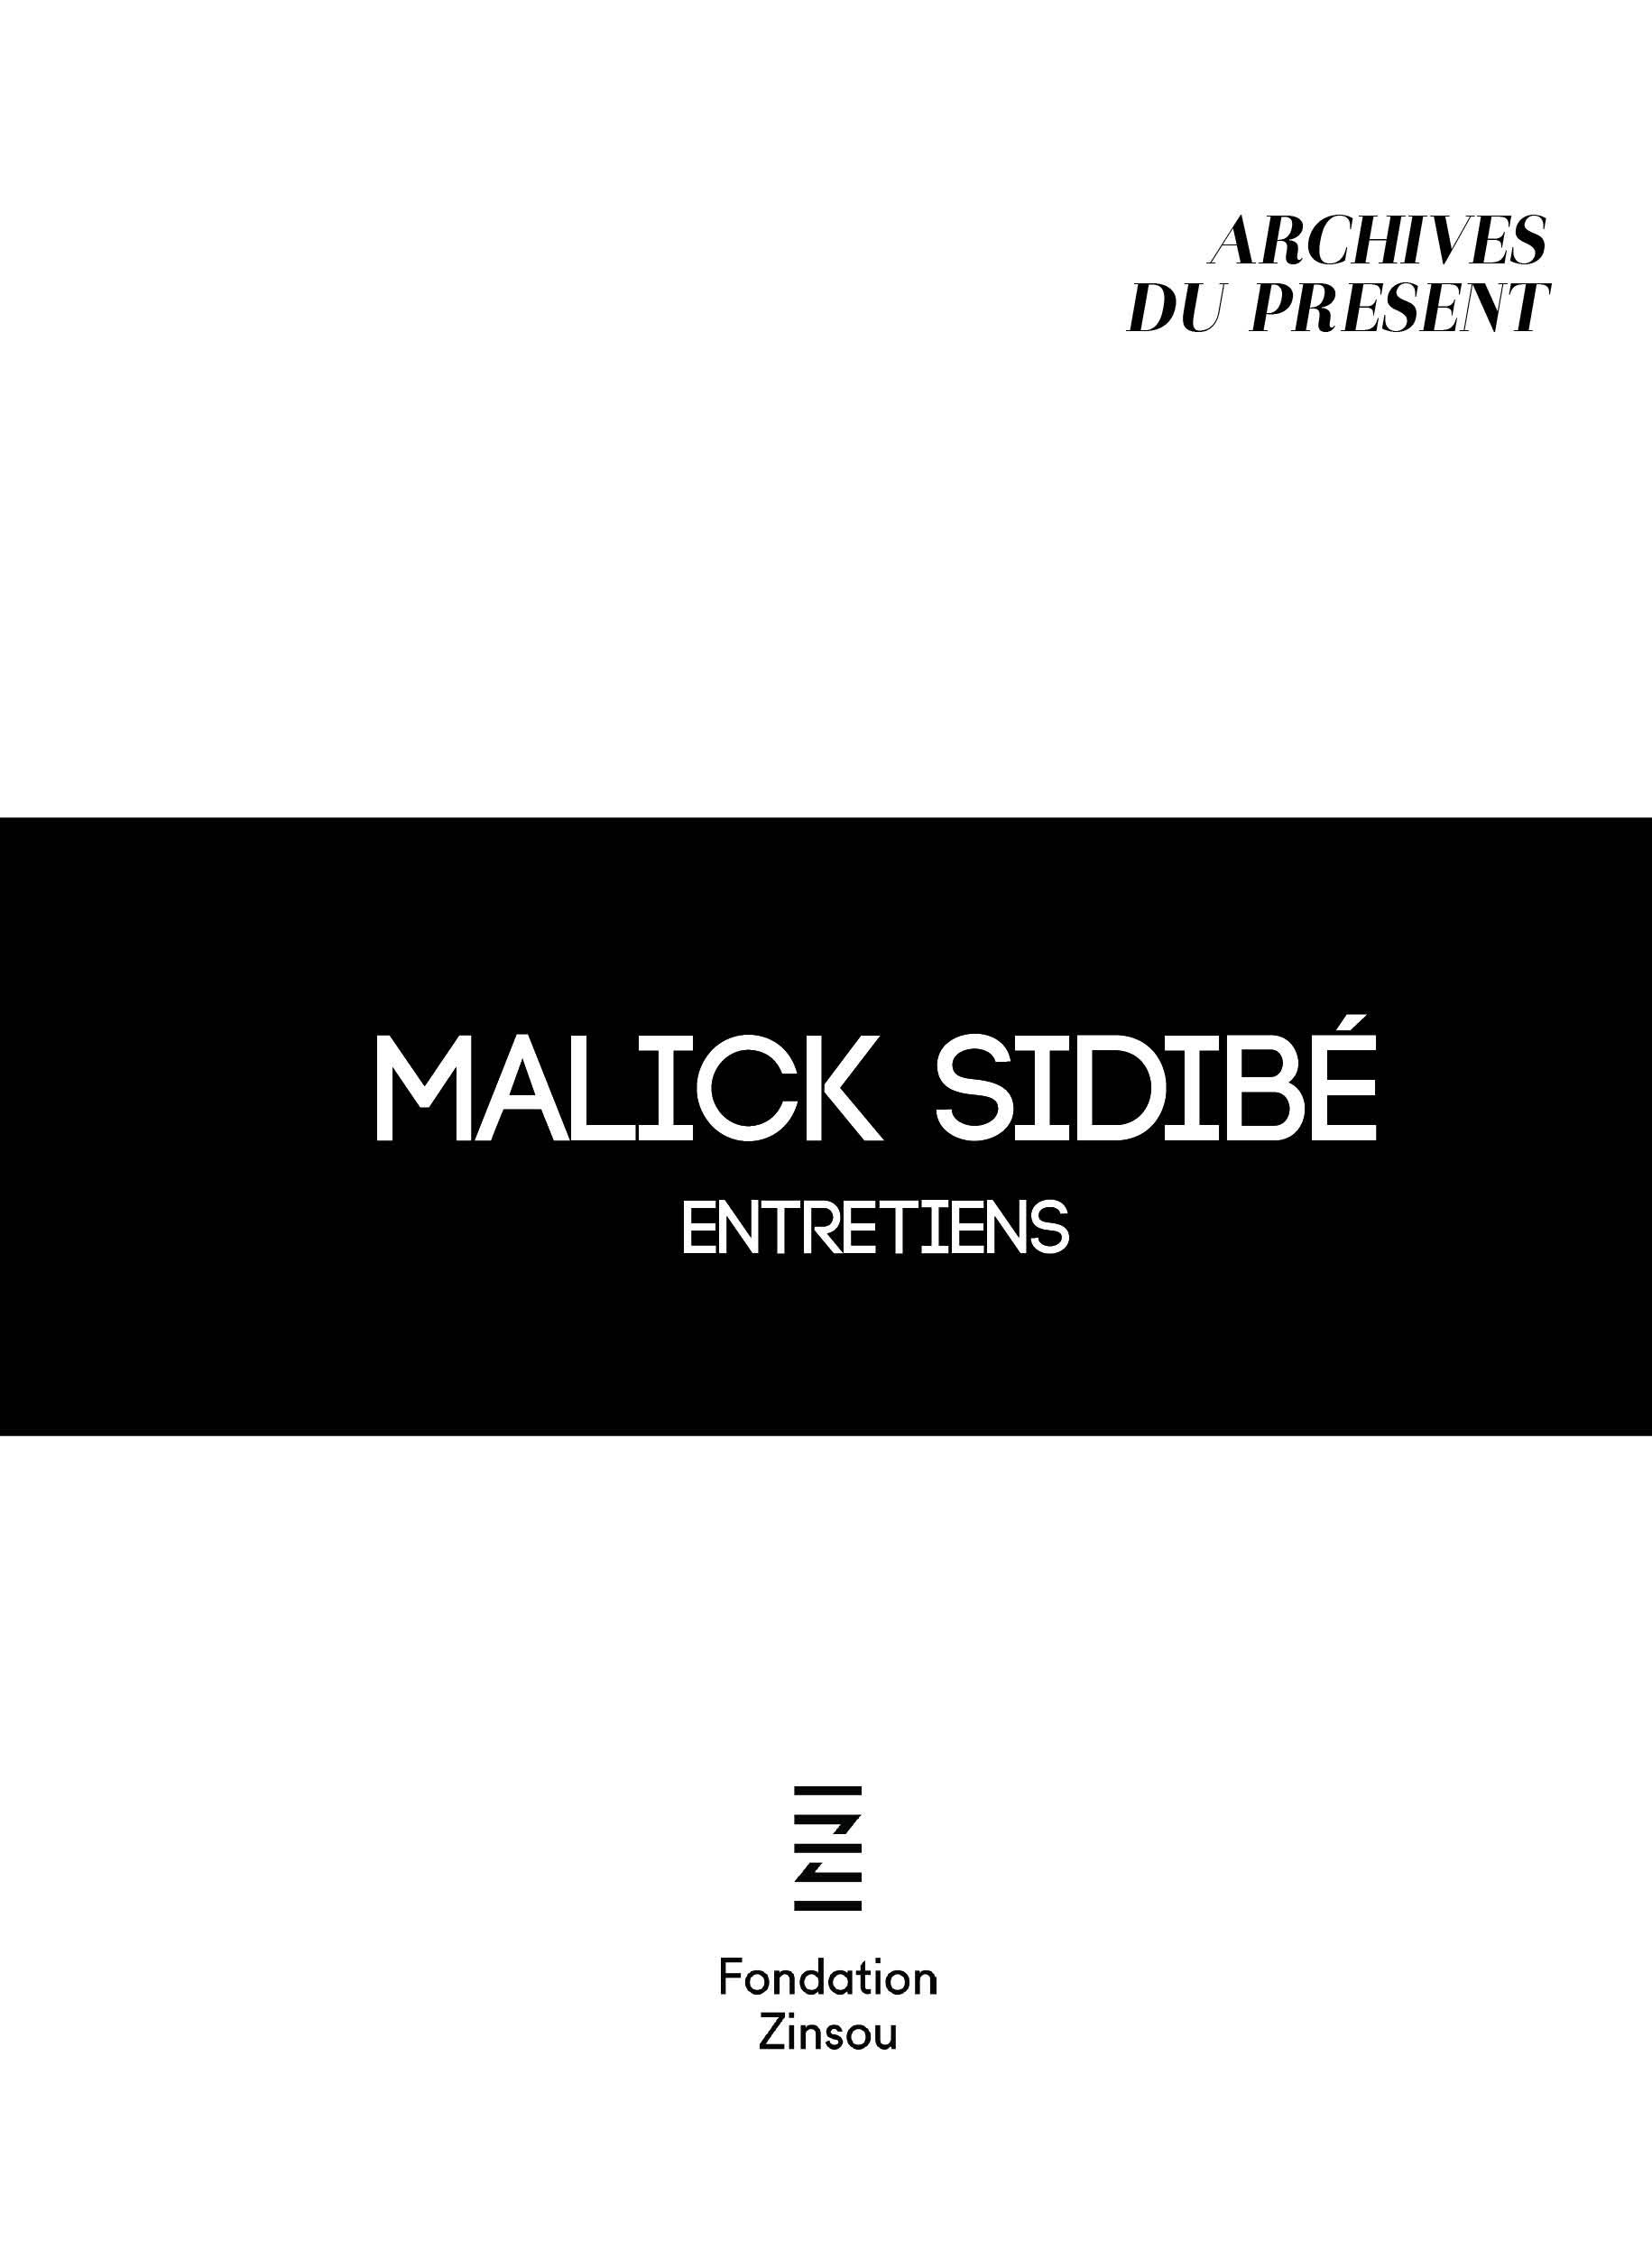 Archives du Présent-Malick Sidibé © Fondation Zinsou